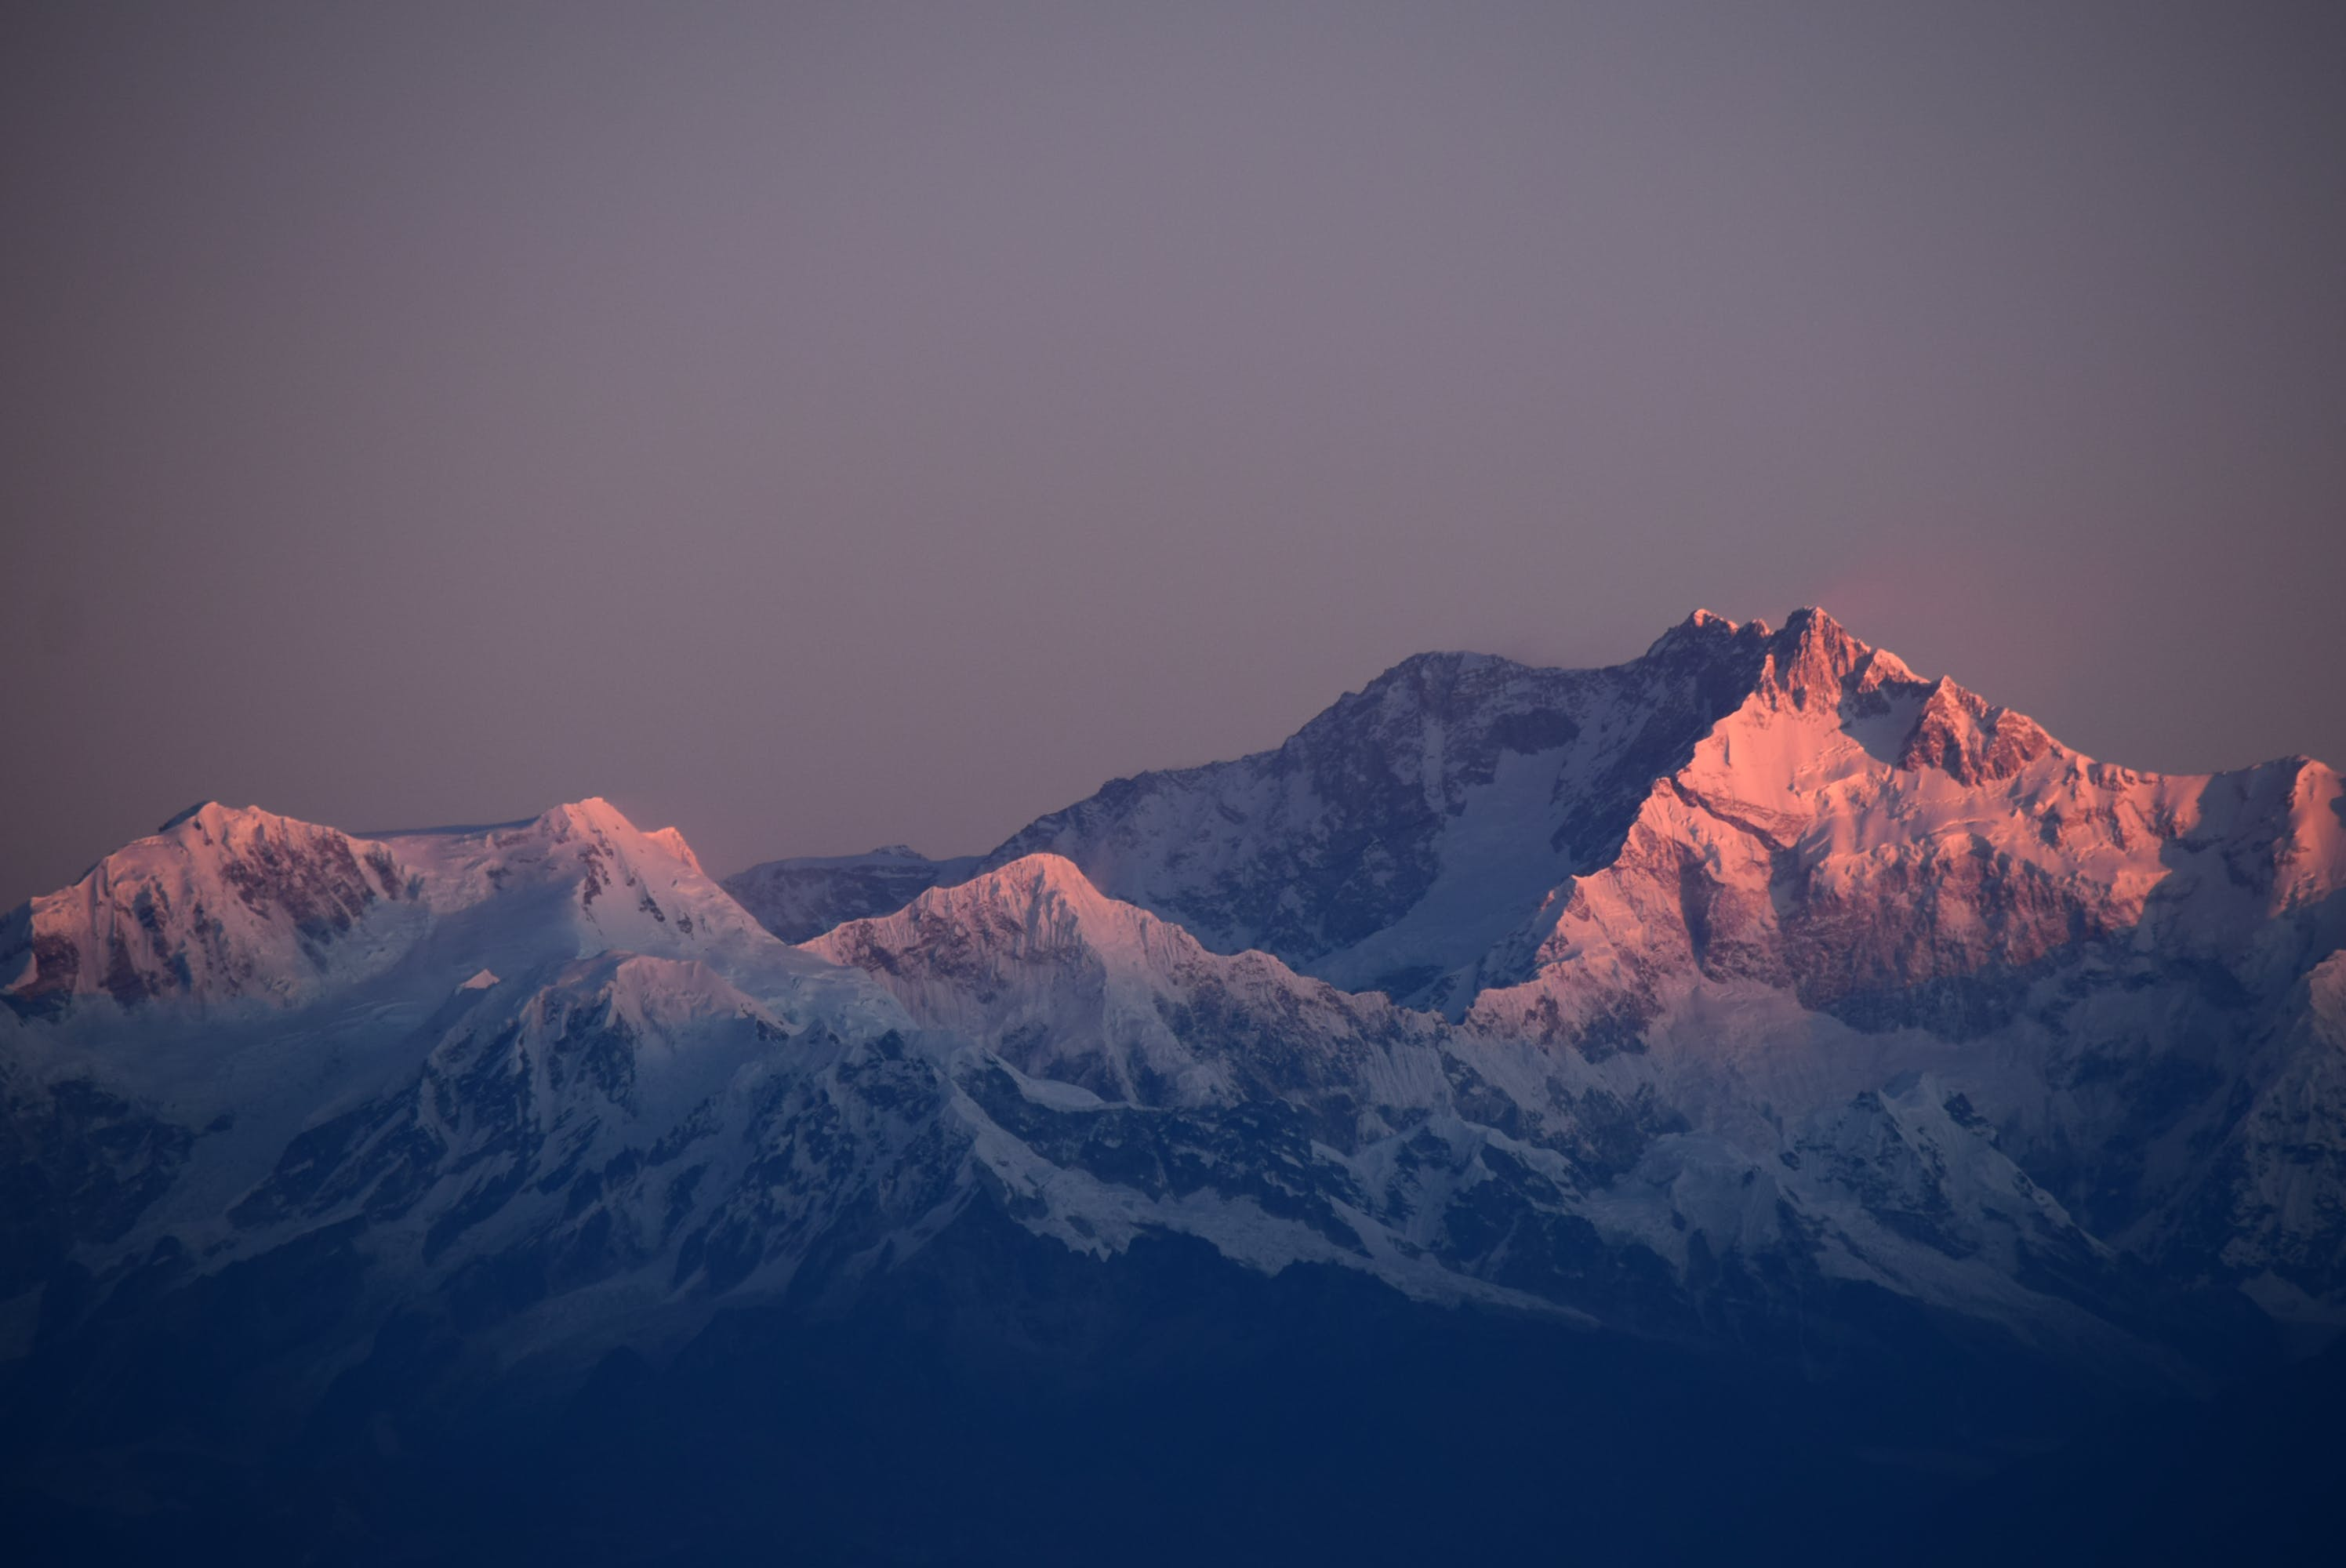 コールド, 冬, 山岳, 日光の無料の写真素材